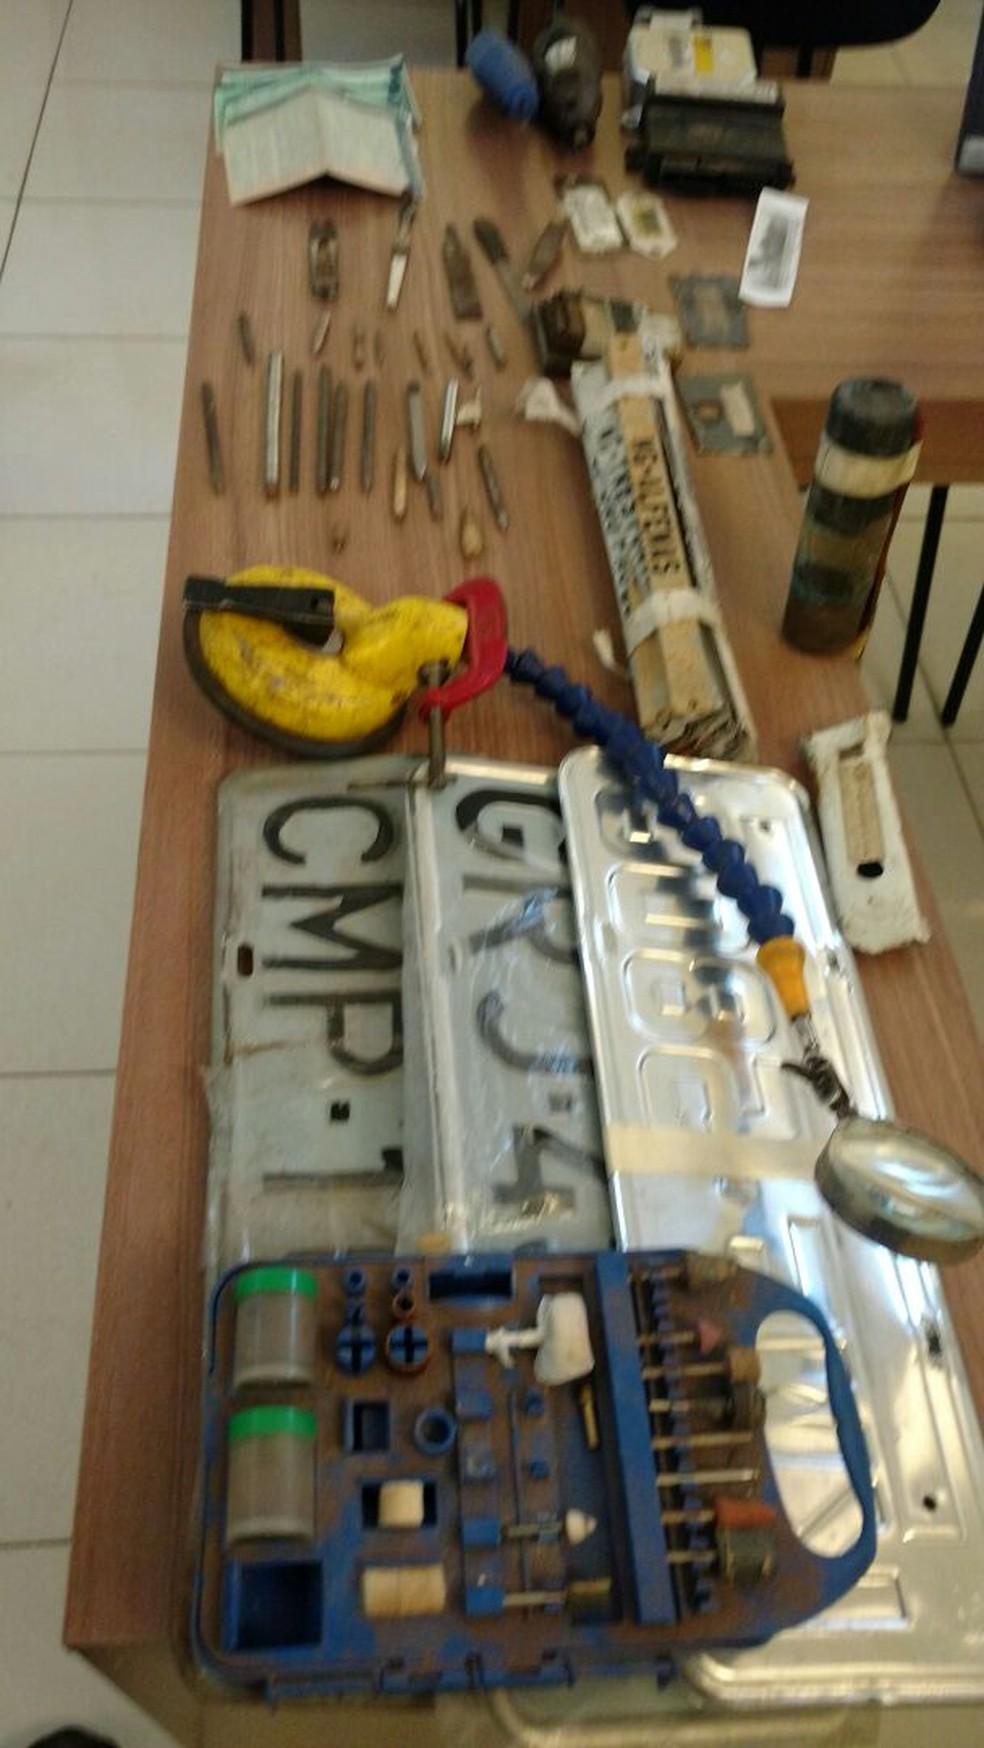 Polícia apreende placas e objetos usados para adulteração de veículos em Boa Esperança (Foto: Polícia Civil)